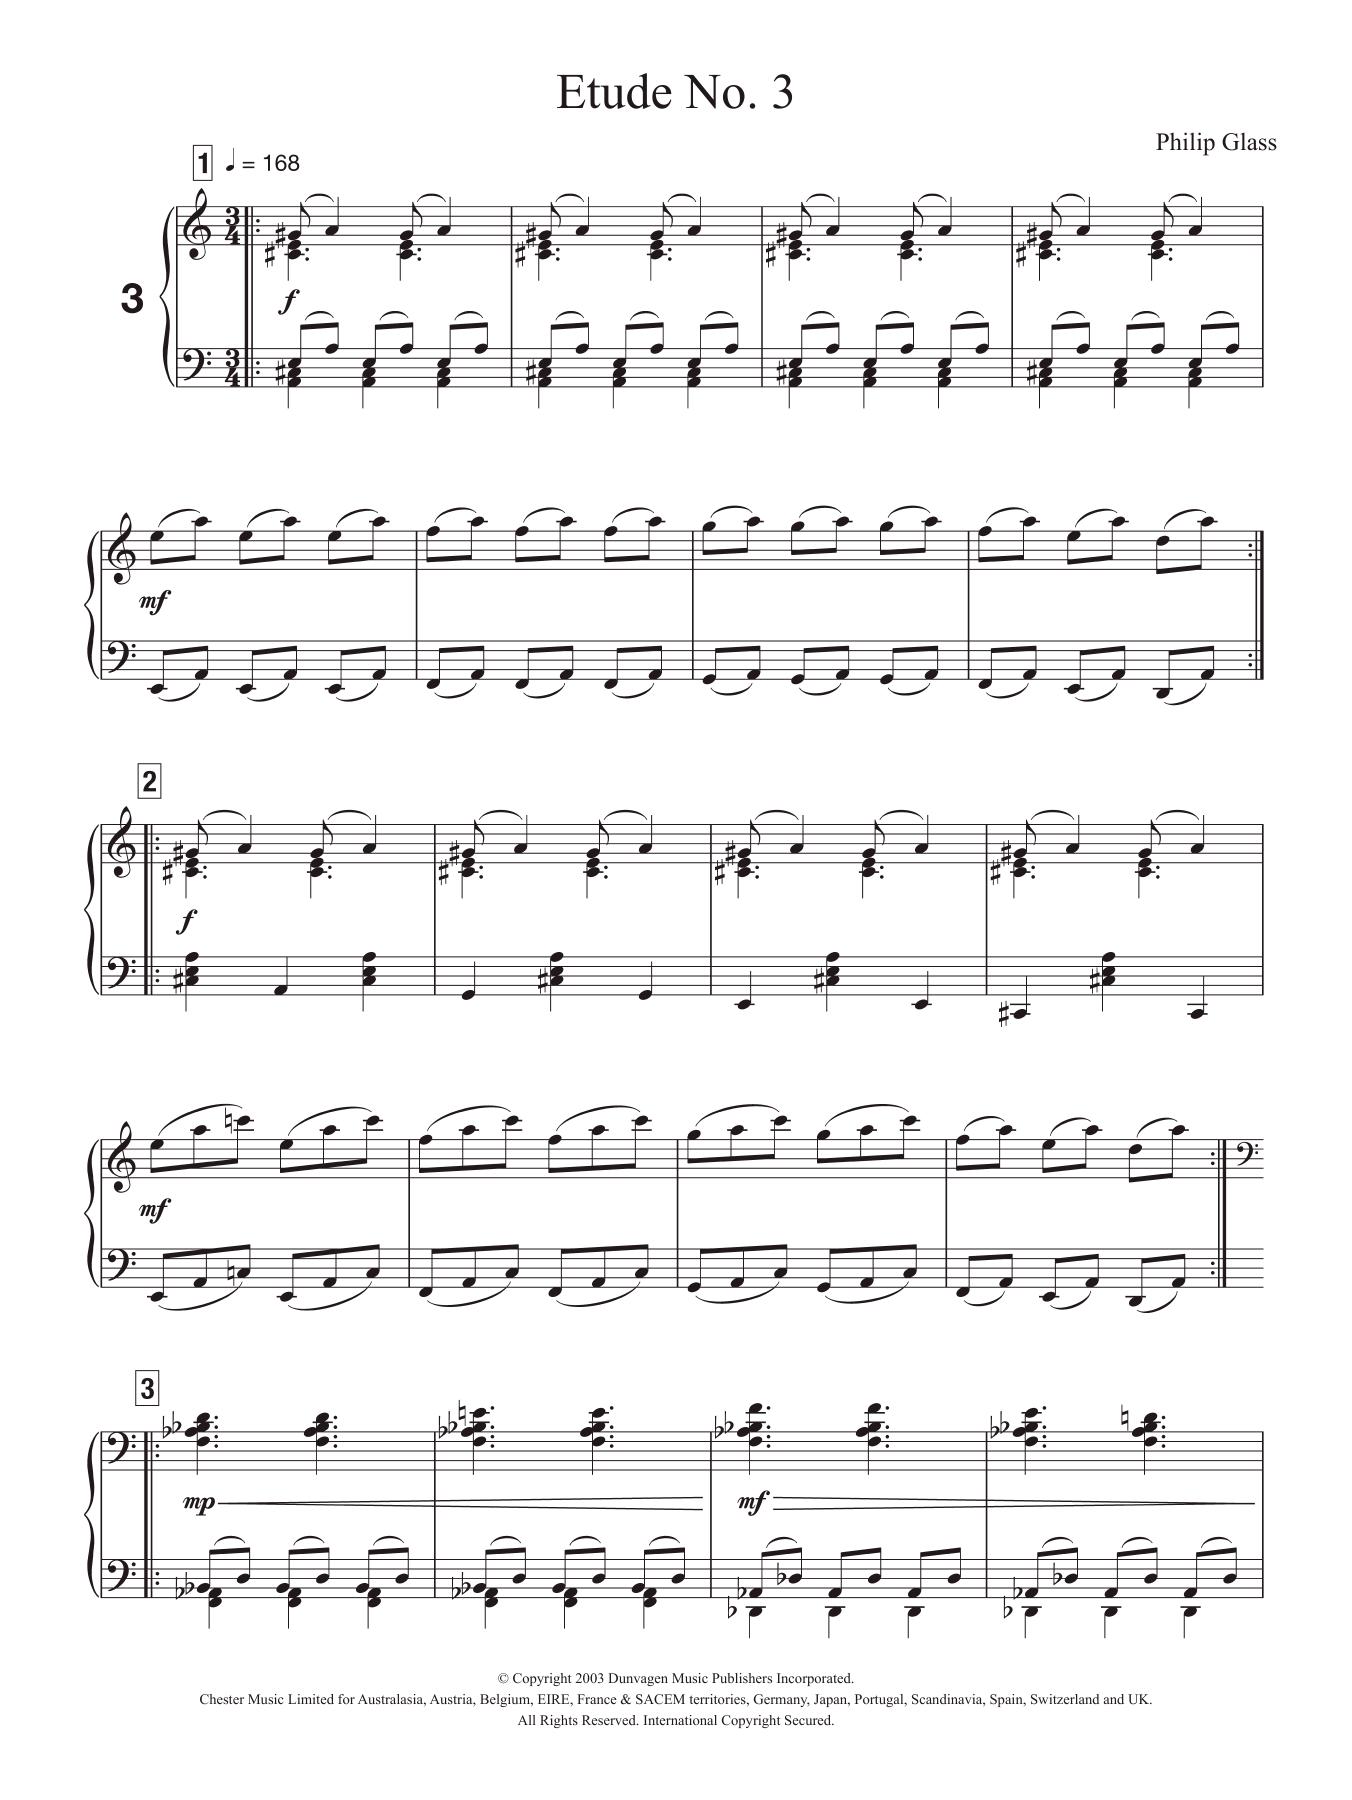 Etude No. 3 Sheet Music